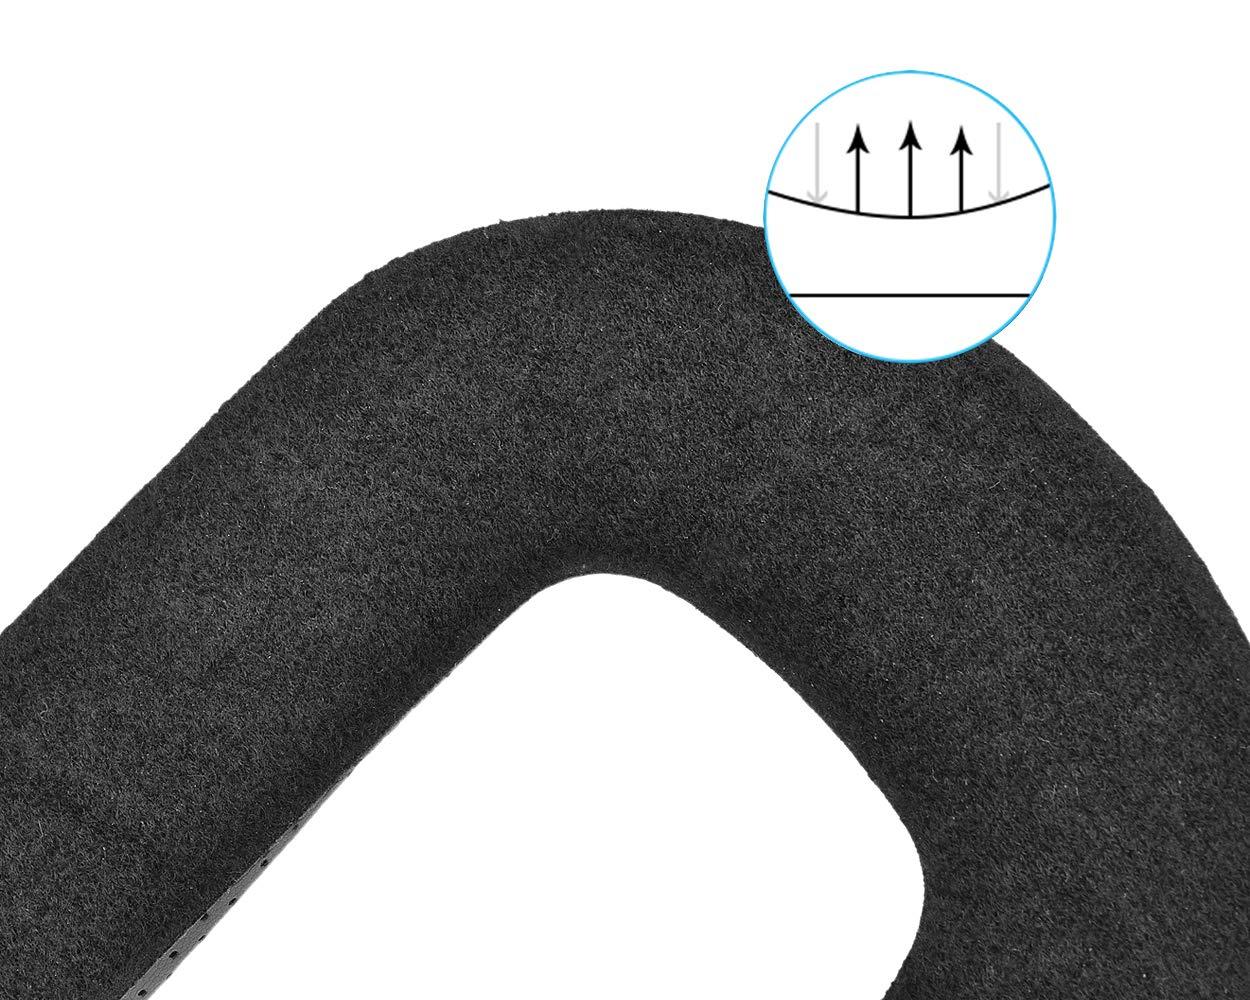 DSstyles Remplacement de mousse de visage pour HTC VIVE VR Face Cover 11mm Eye Mask Pad avec couverture en cuir PU